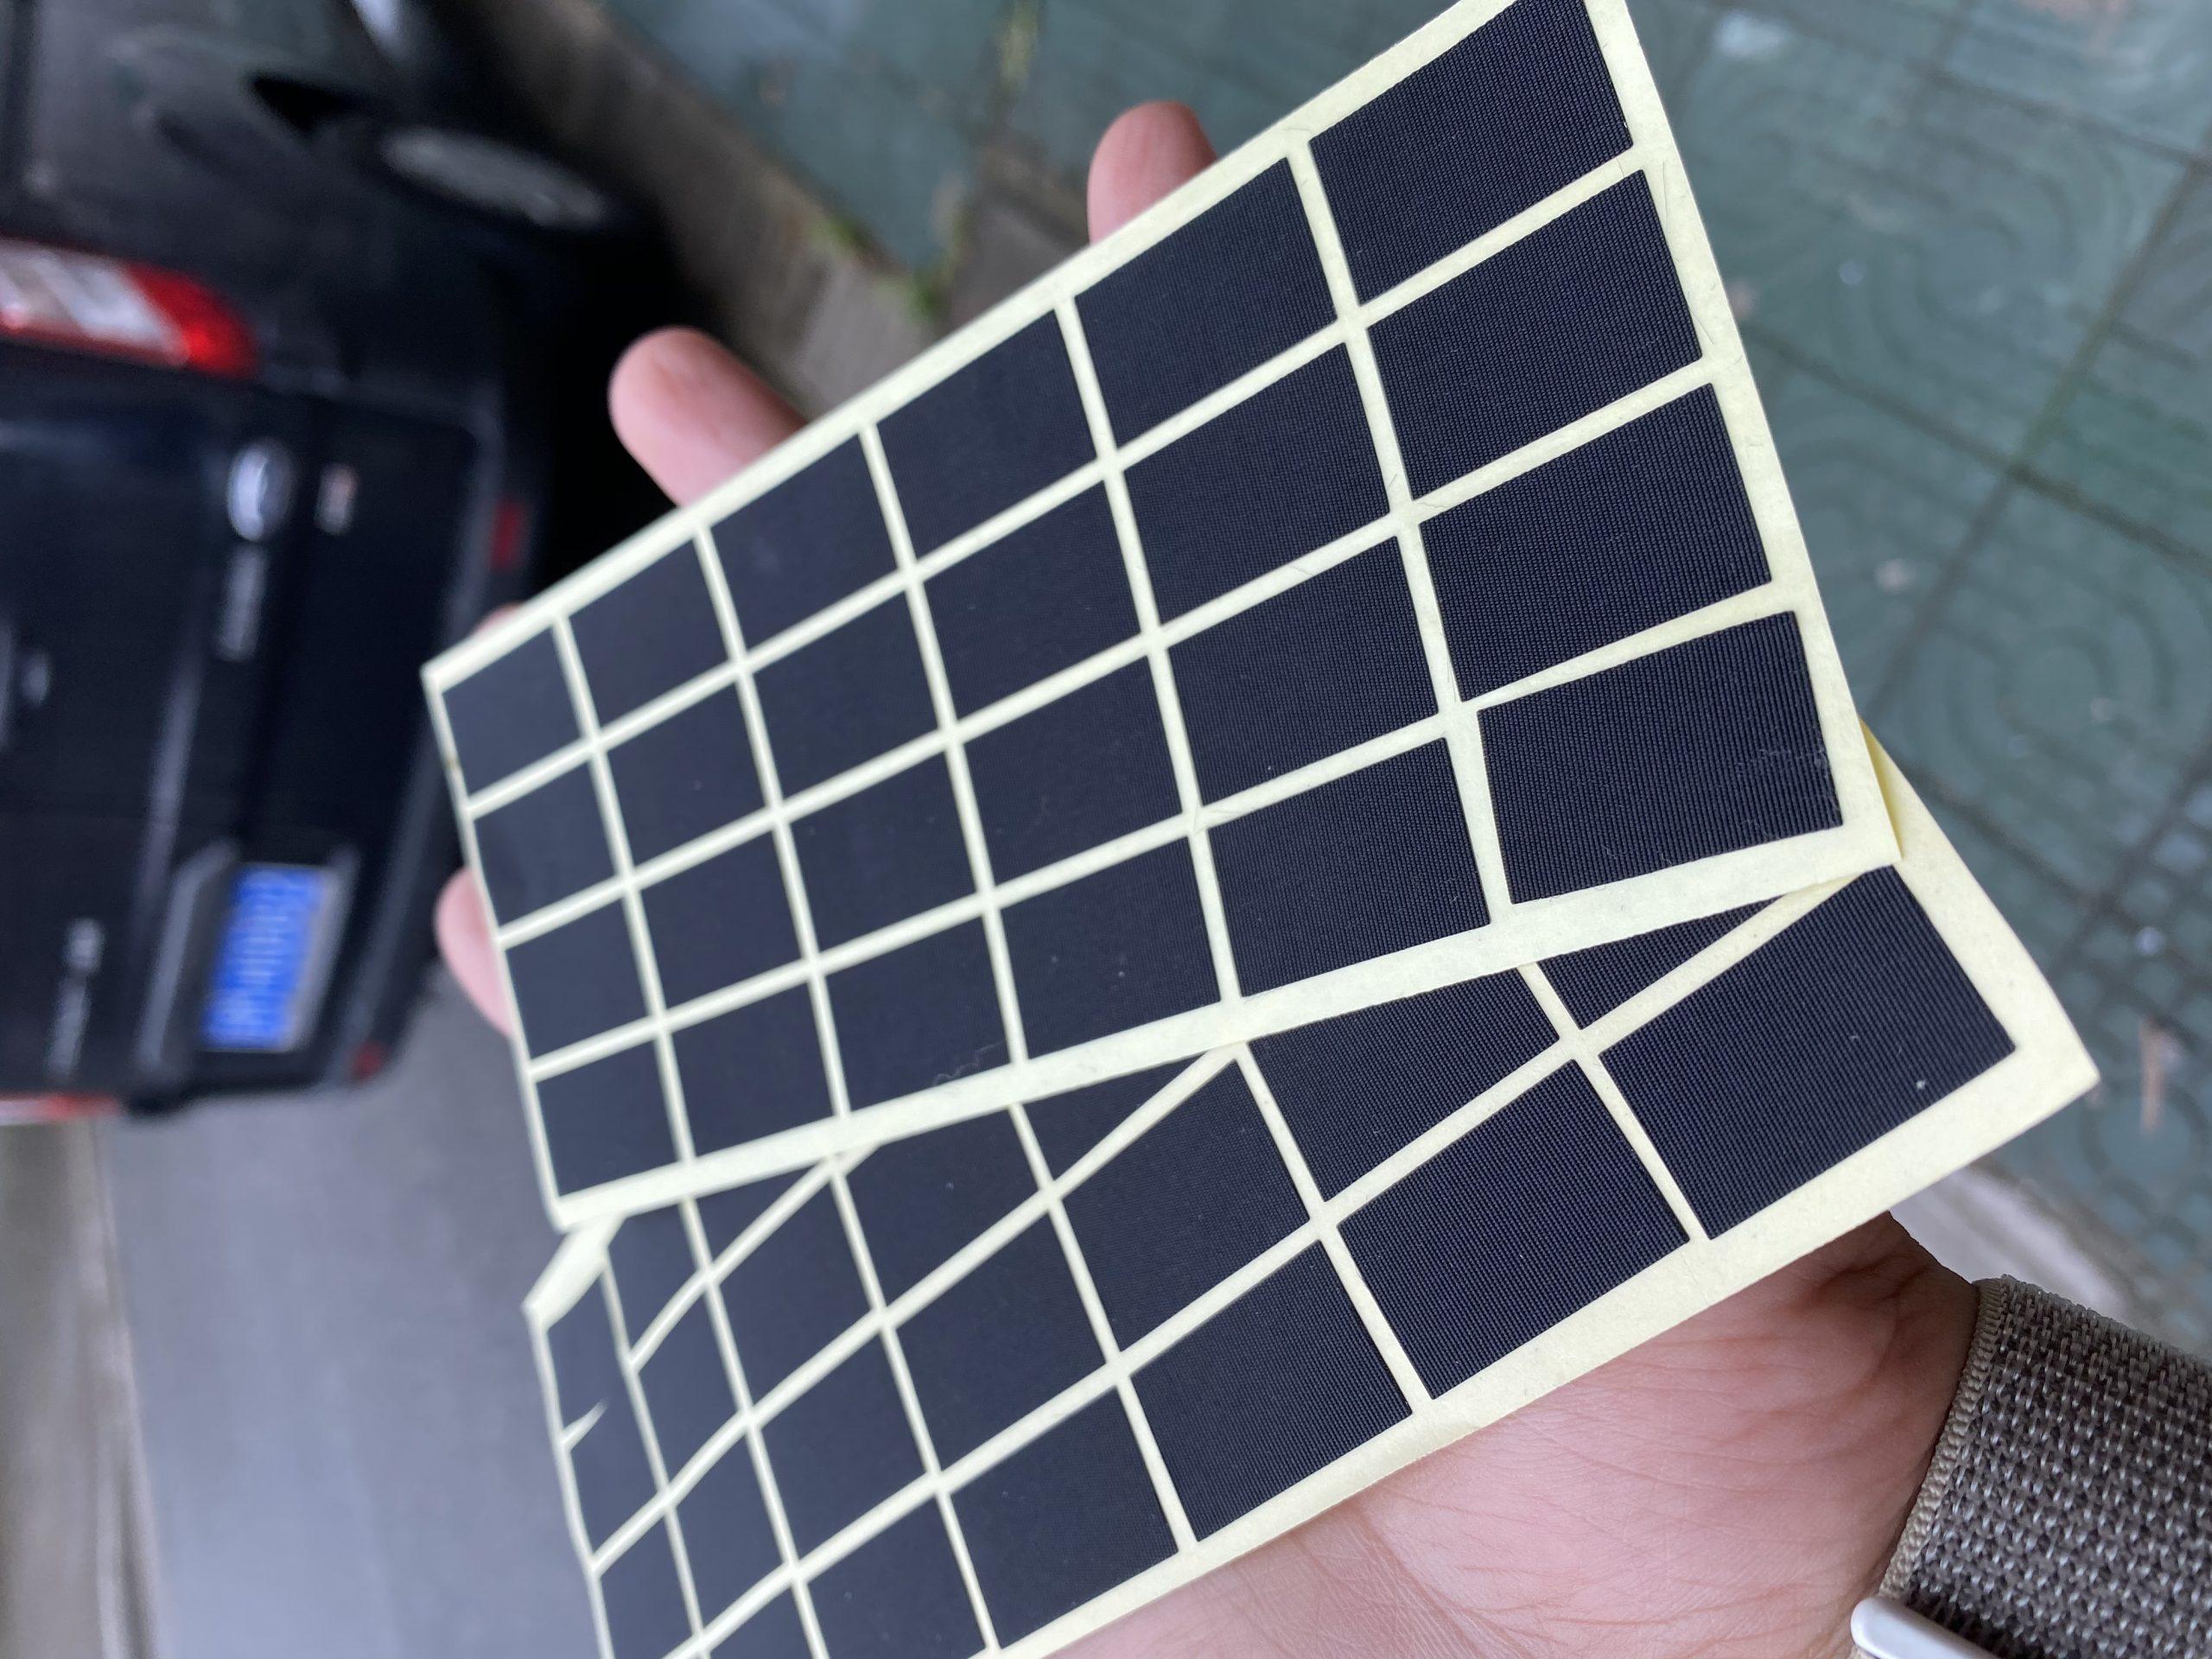 阻燃醋酸布线束胶带/可模切成型 – Cloudplast 8005 series